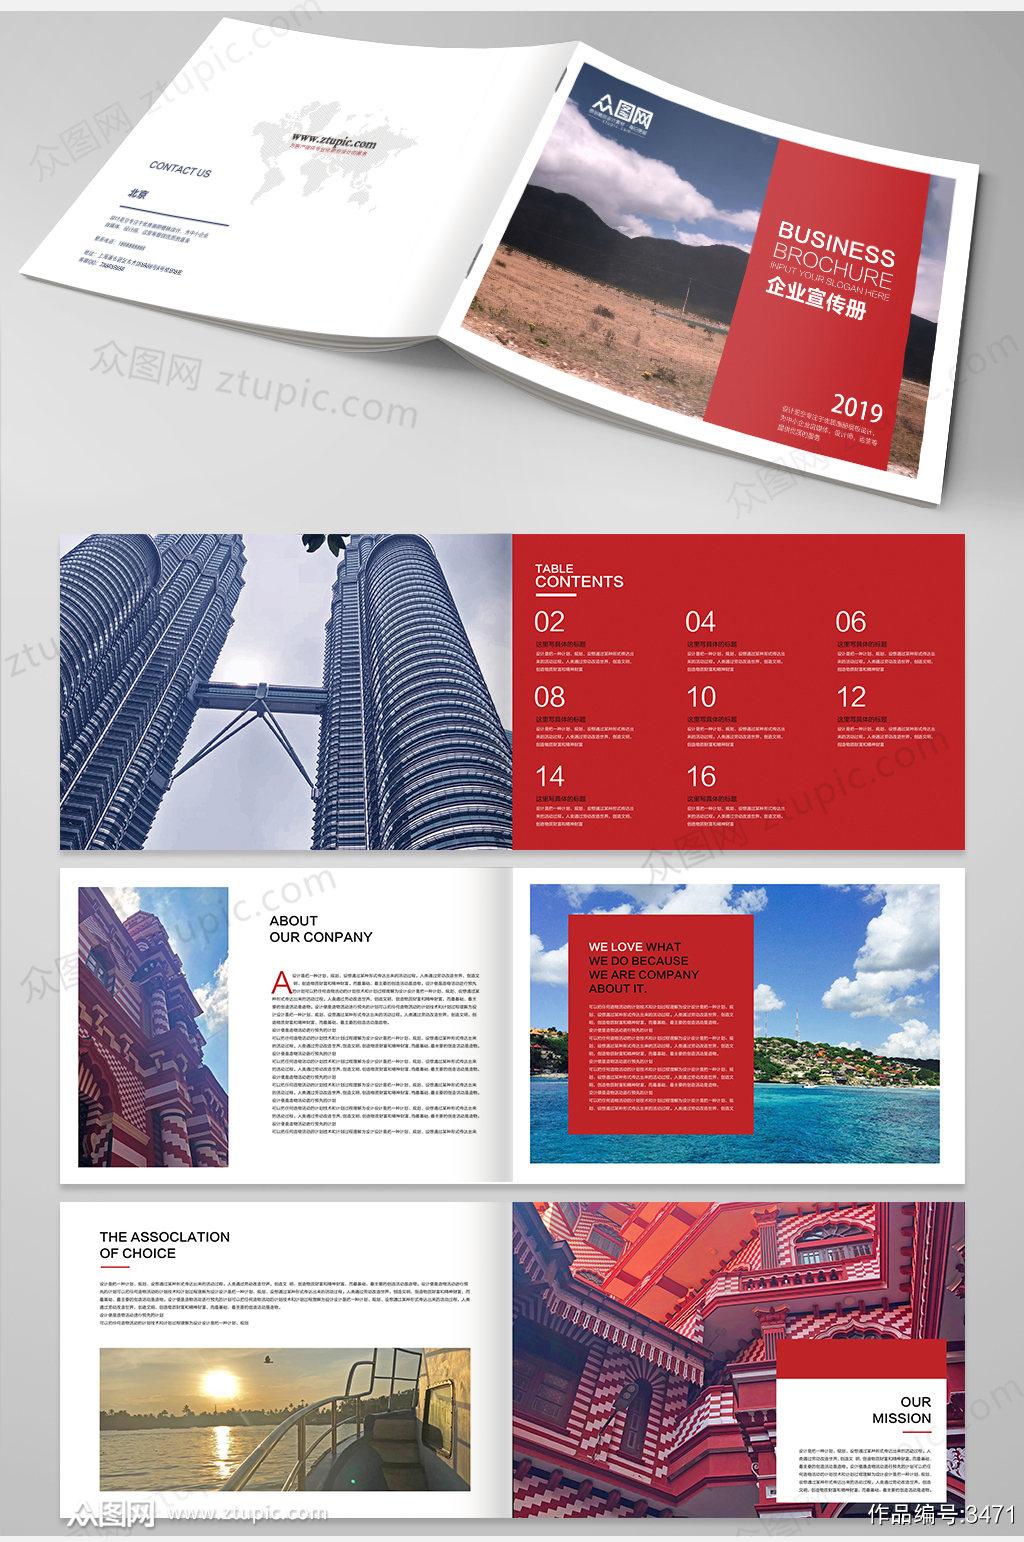 整套时尚大气红色欧式商务企业画册素材